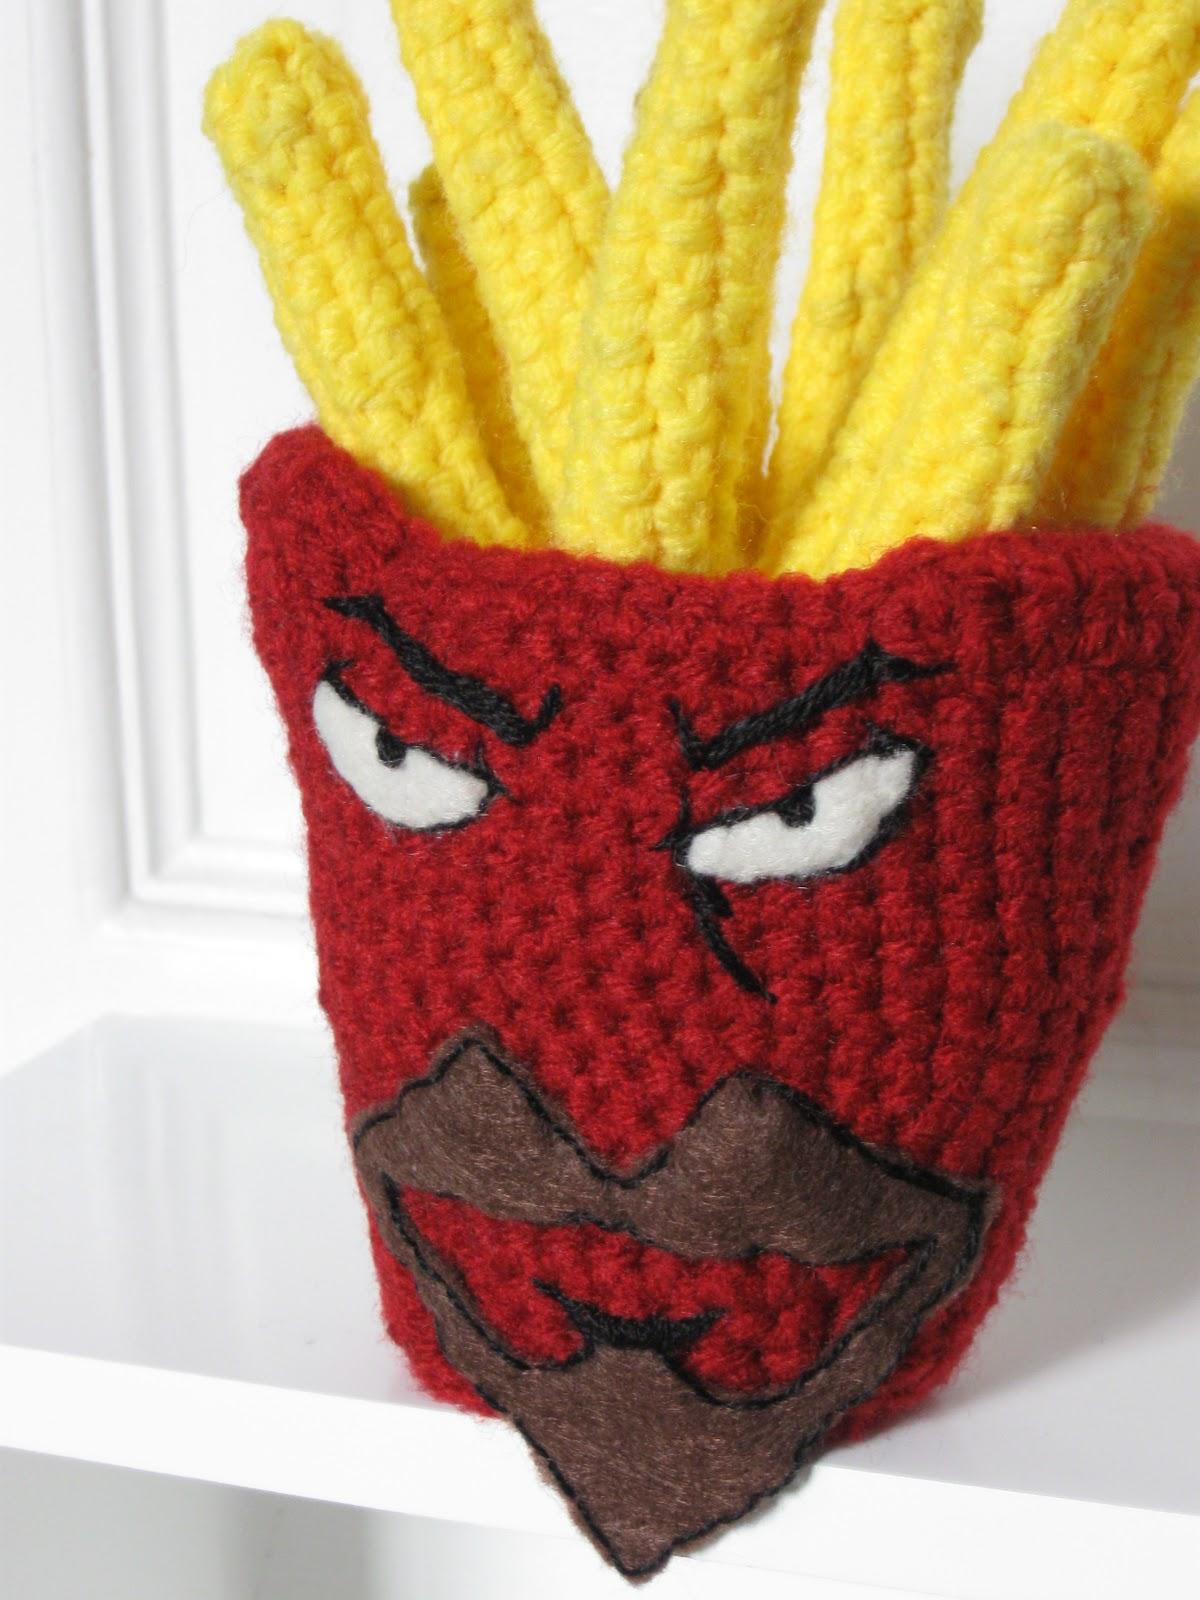 Crochet Patterns Nerdy : Mostly Nerdy Crochet: Frylock with Free Pattern!